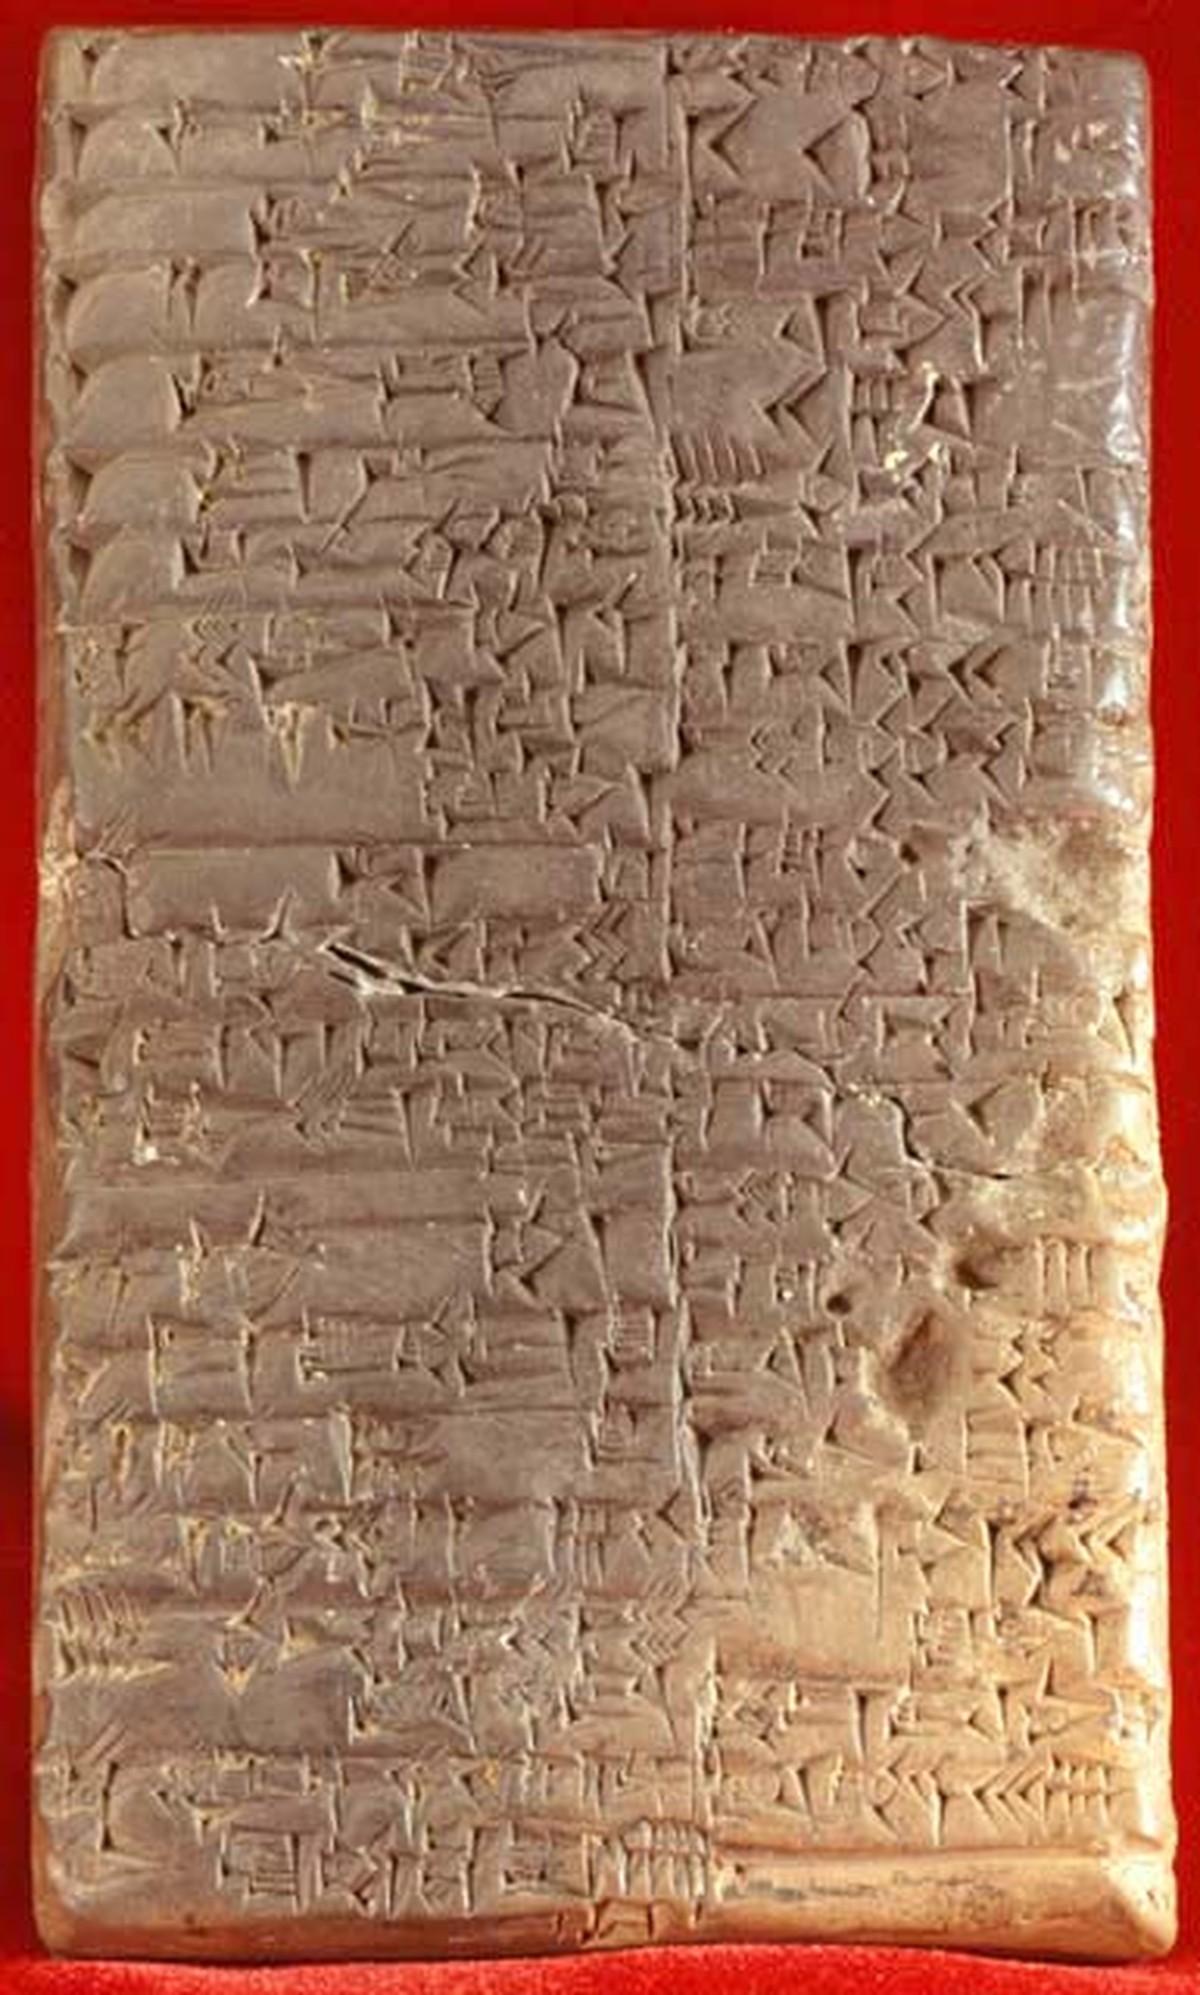 A necessidade econômica que levou ao desenvolvimento da primeira forma de escrita